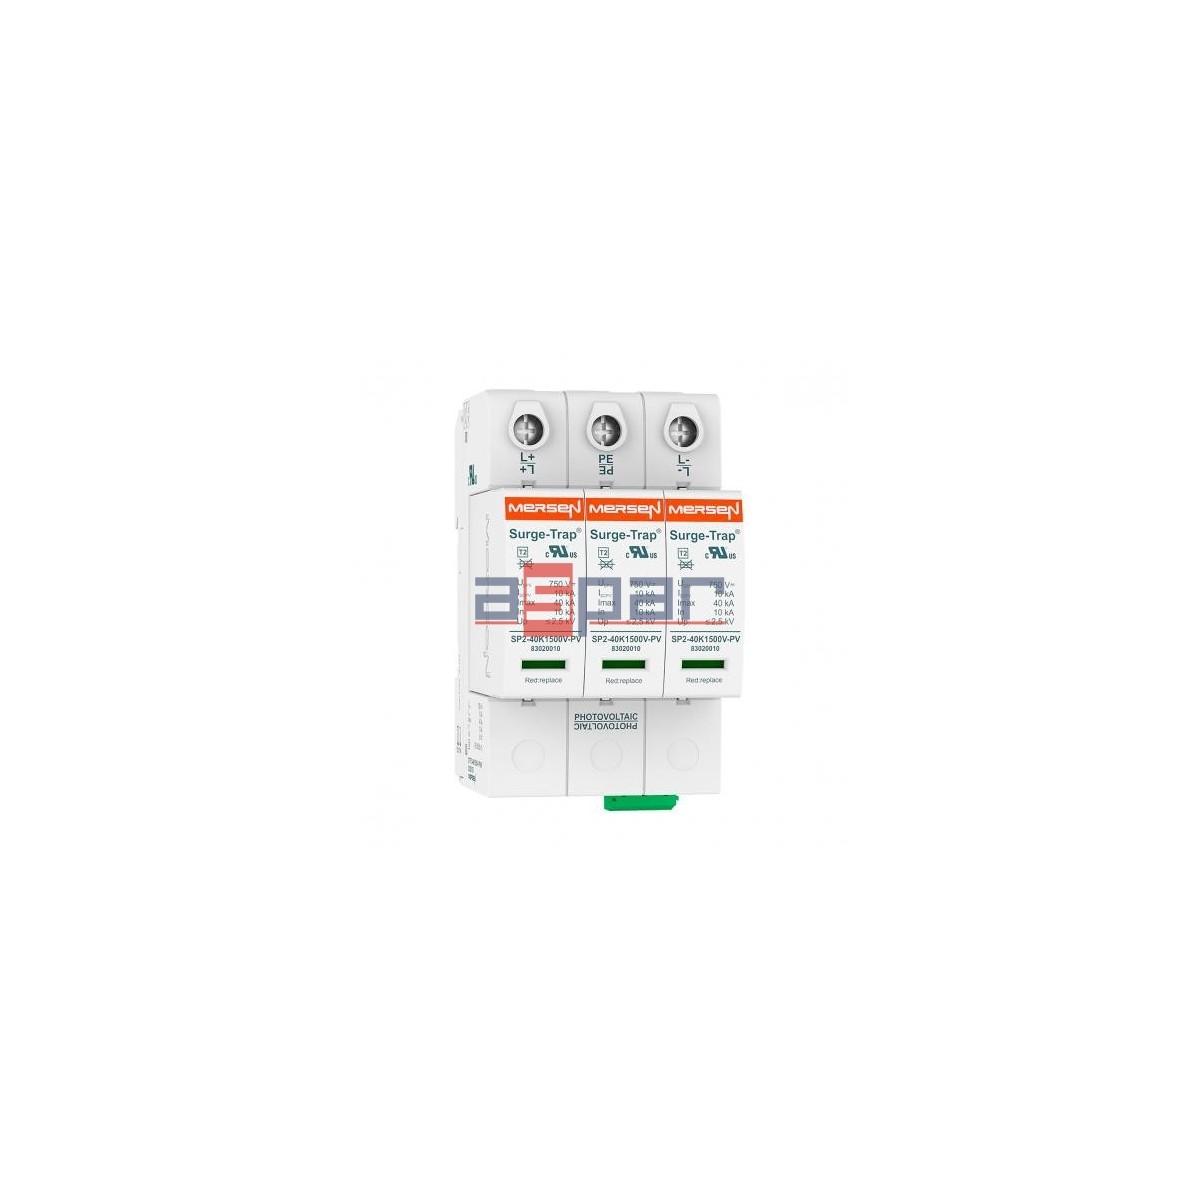 STPT2-40K1000V-YPV - Ogranicznik przepięć PV C typ 2 3P 10kA 1,06kV DC